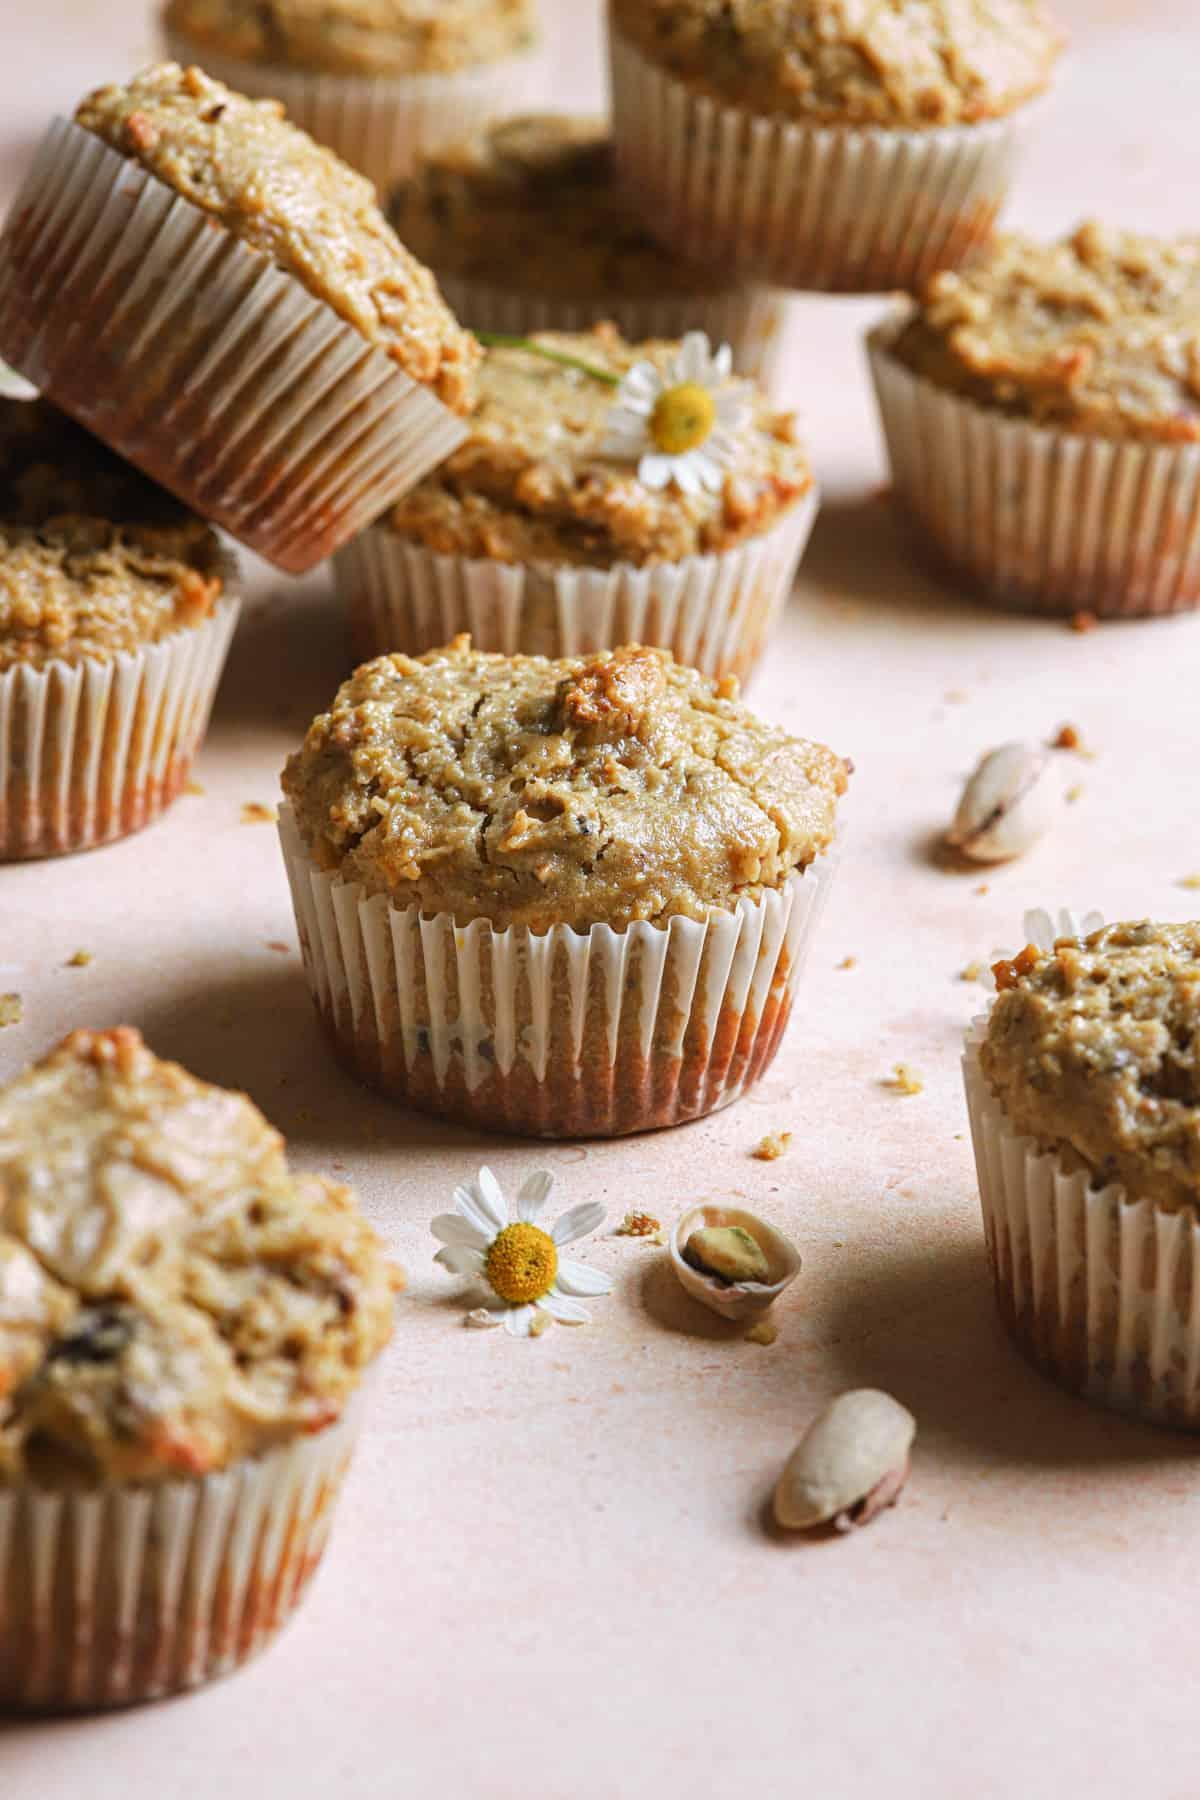 Pistachio muffin recipe